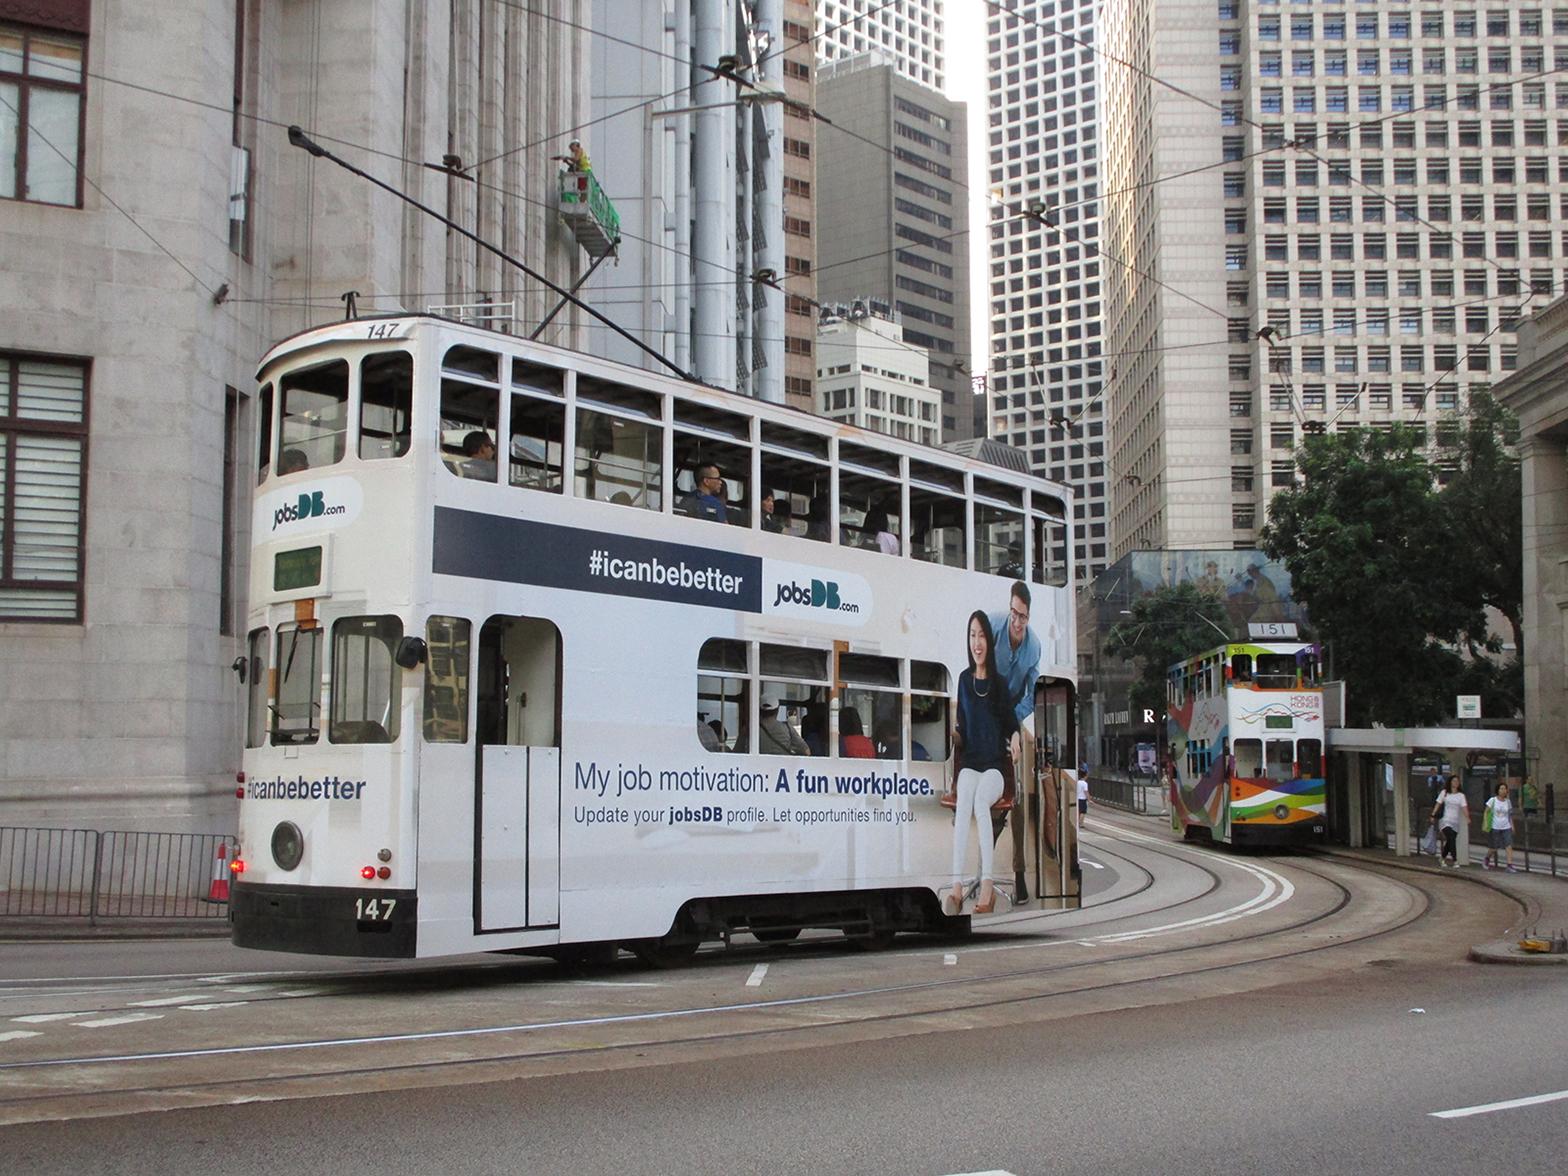 icanbebetter-tram